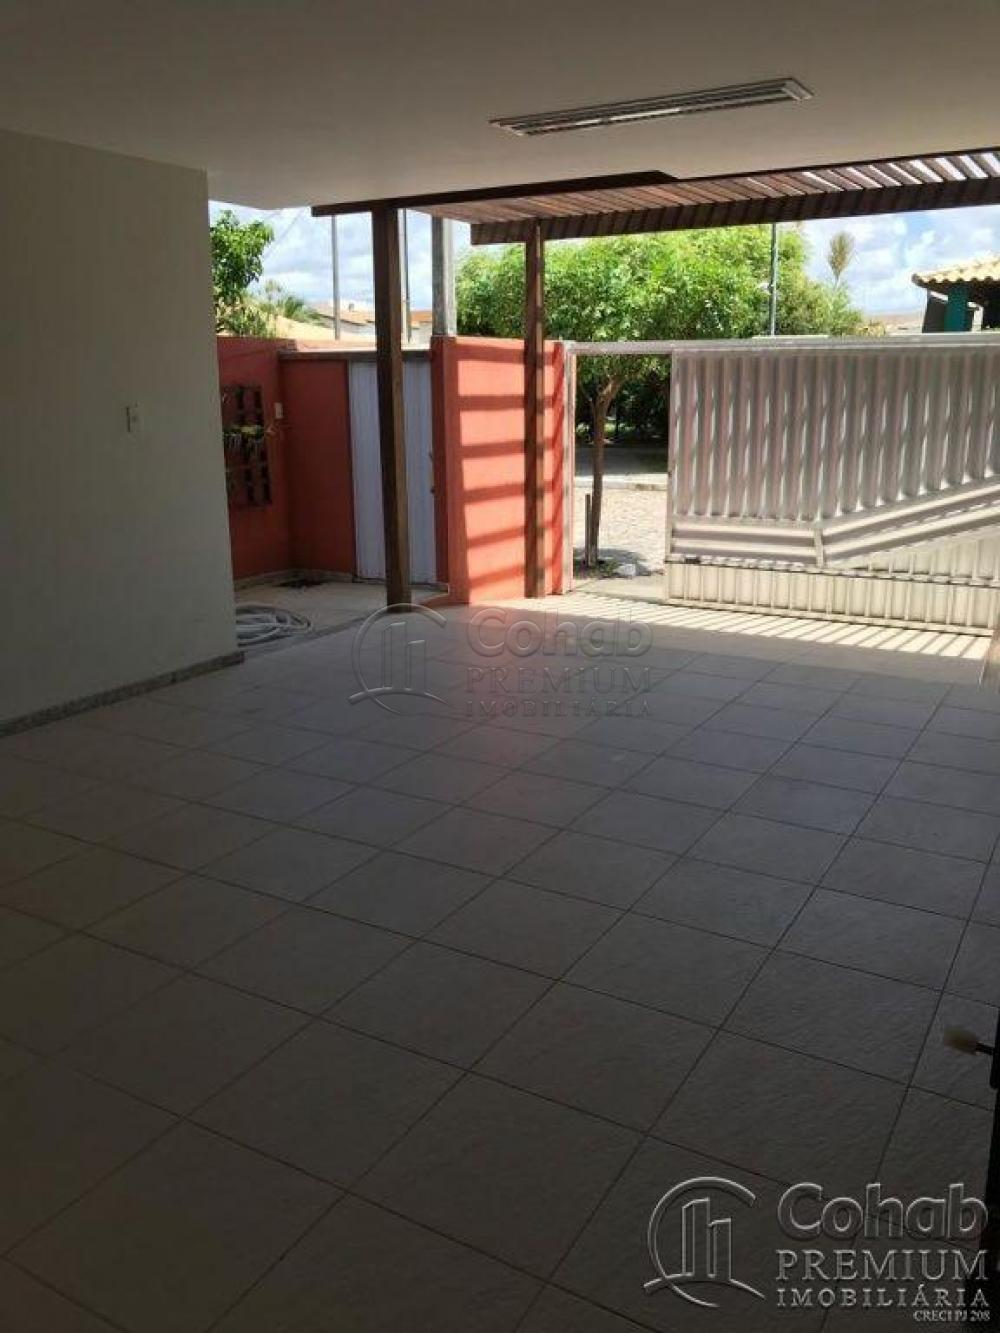 Comprar Casa / Condomínio em Aracaju apenas R$ 1.200.000,00 - Foto 2